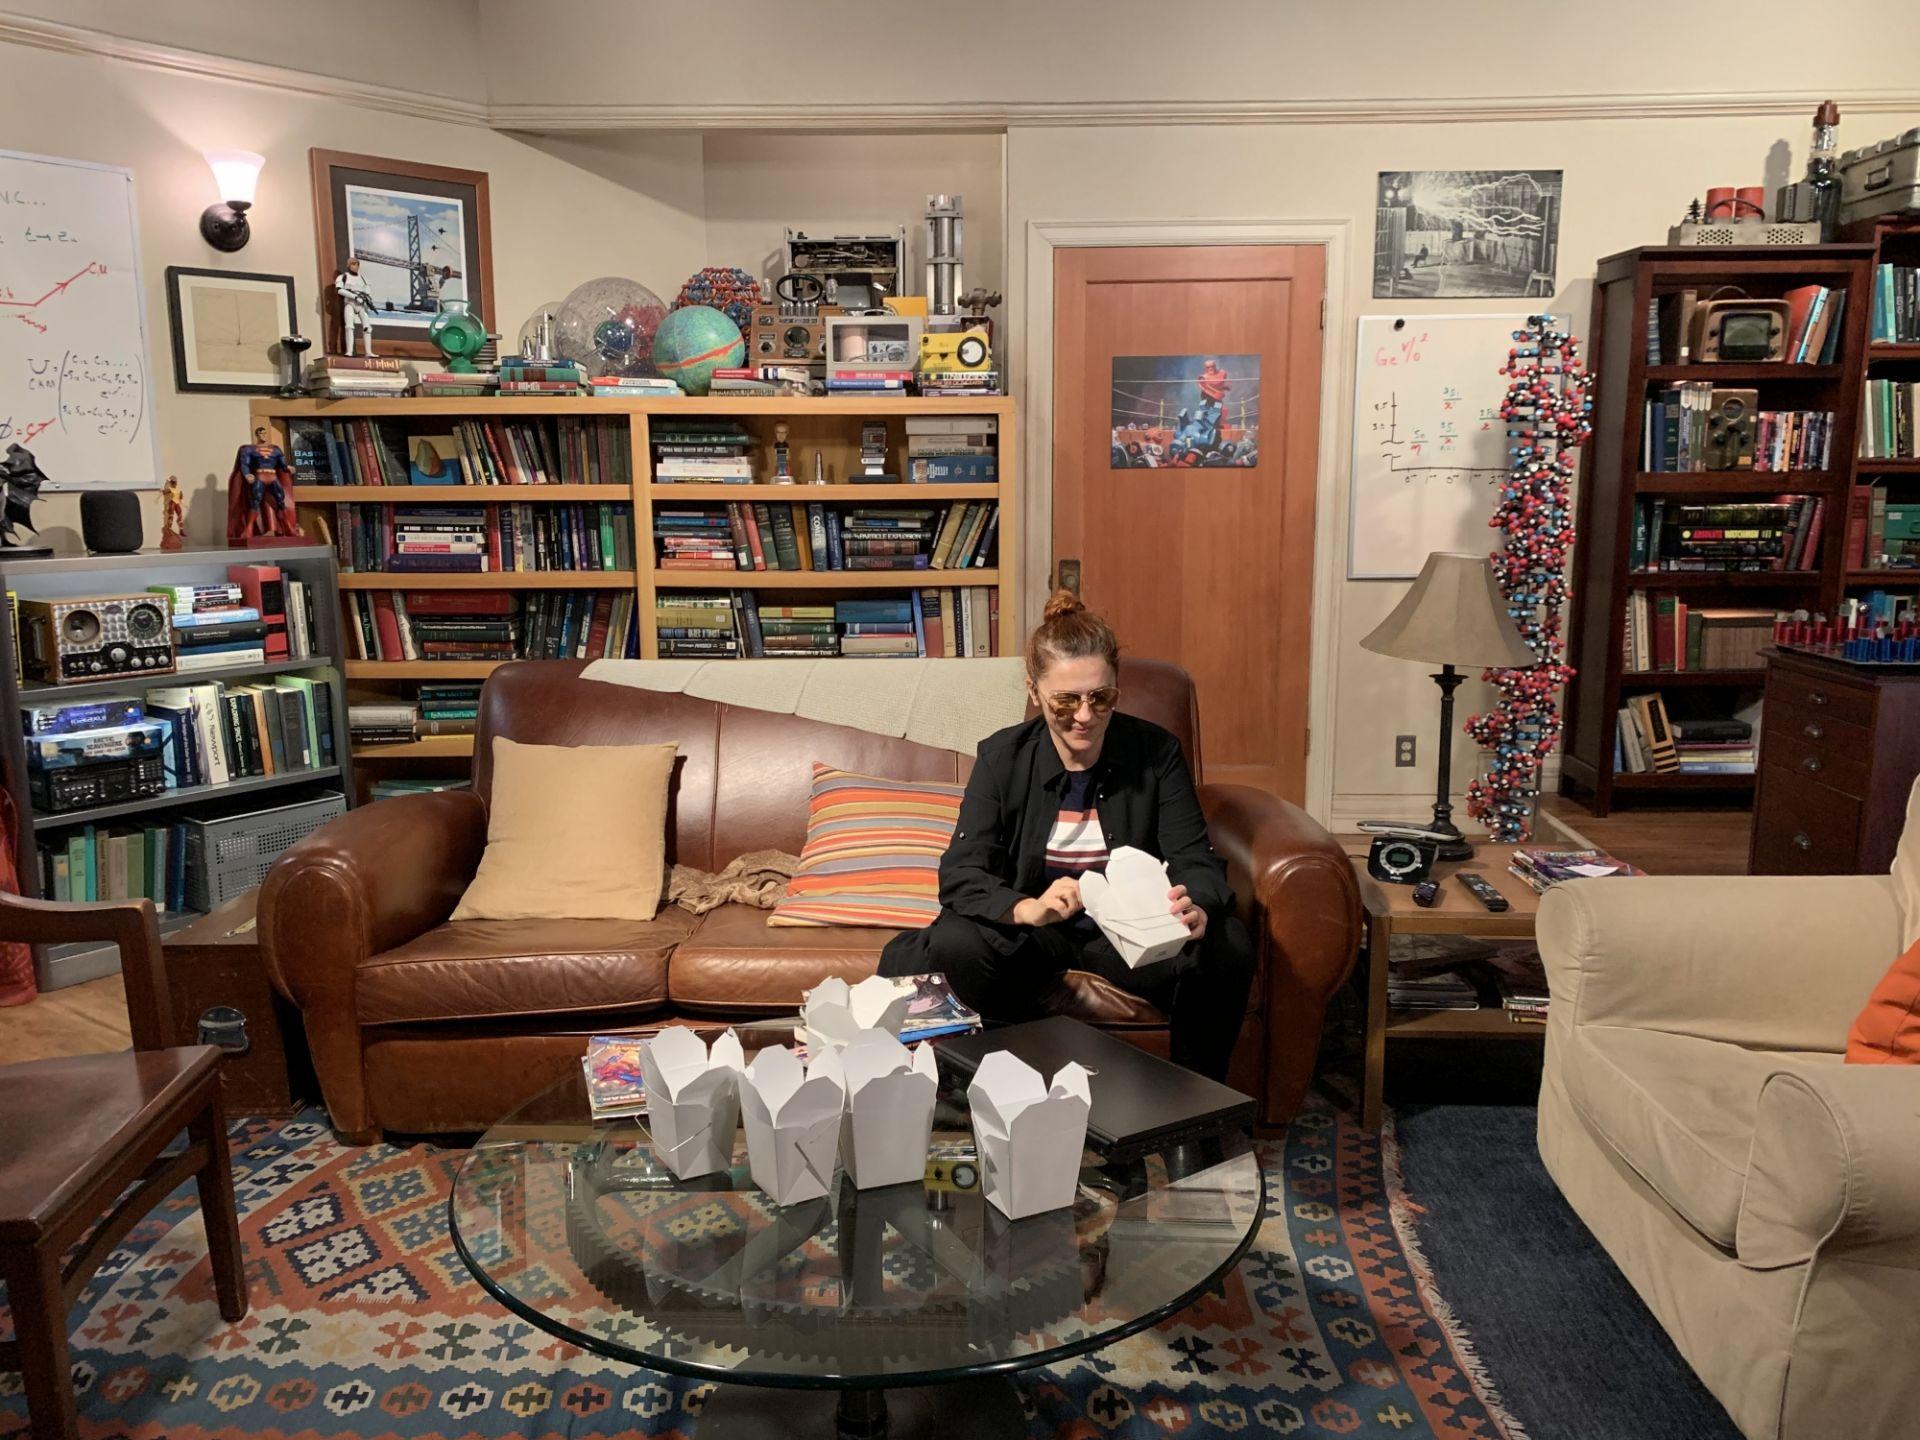 Qui Hollywood, sono stata sul set di The Big Bang Theory, e poi finalmente con la stella di Hedy Lamarr…